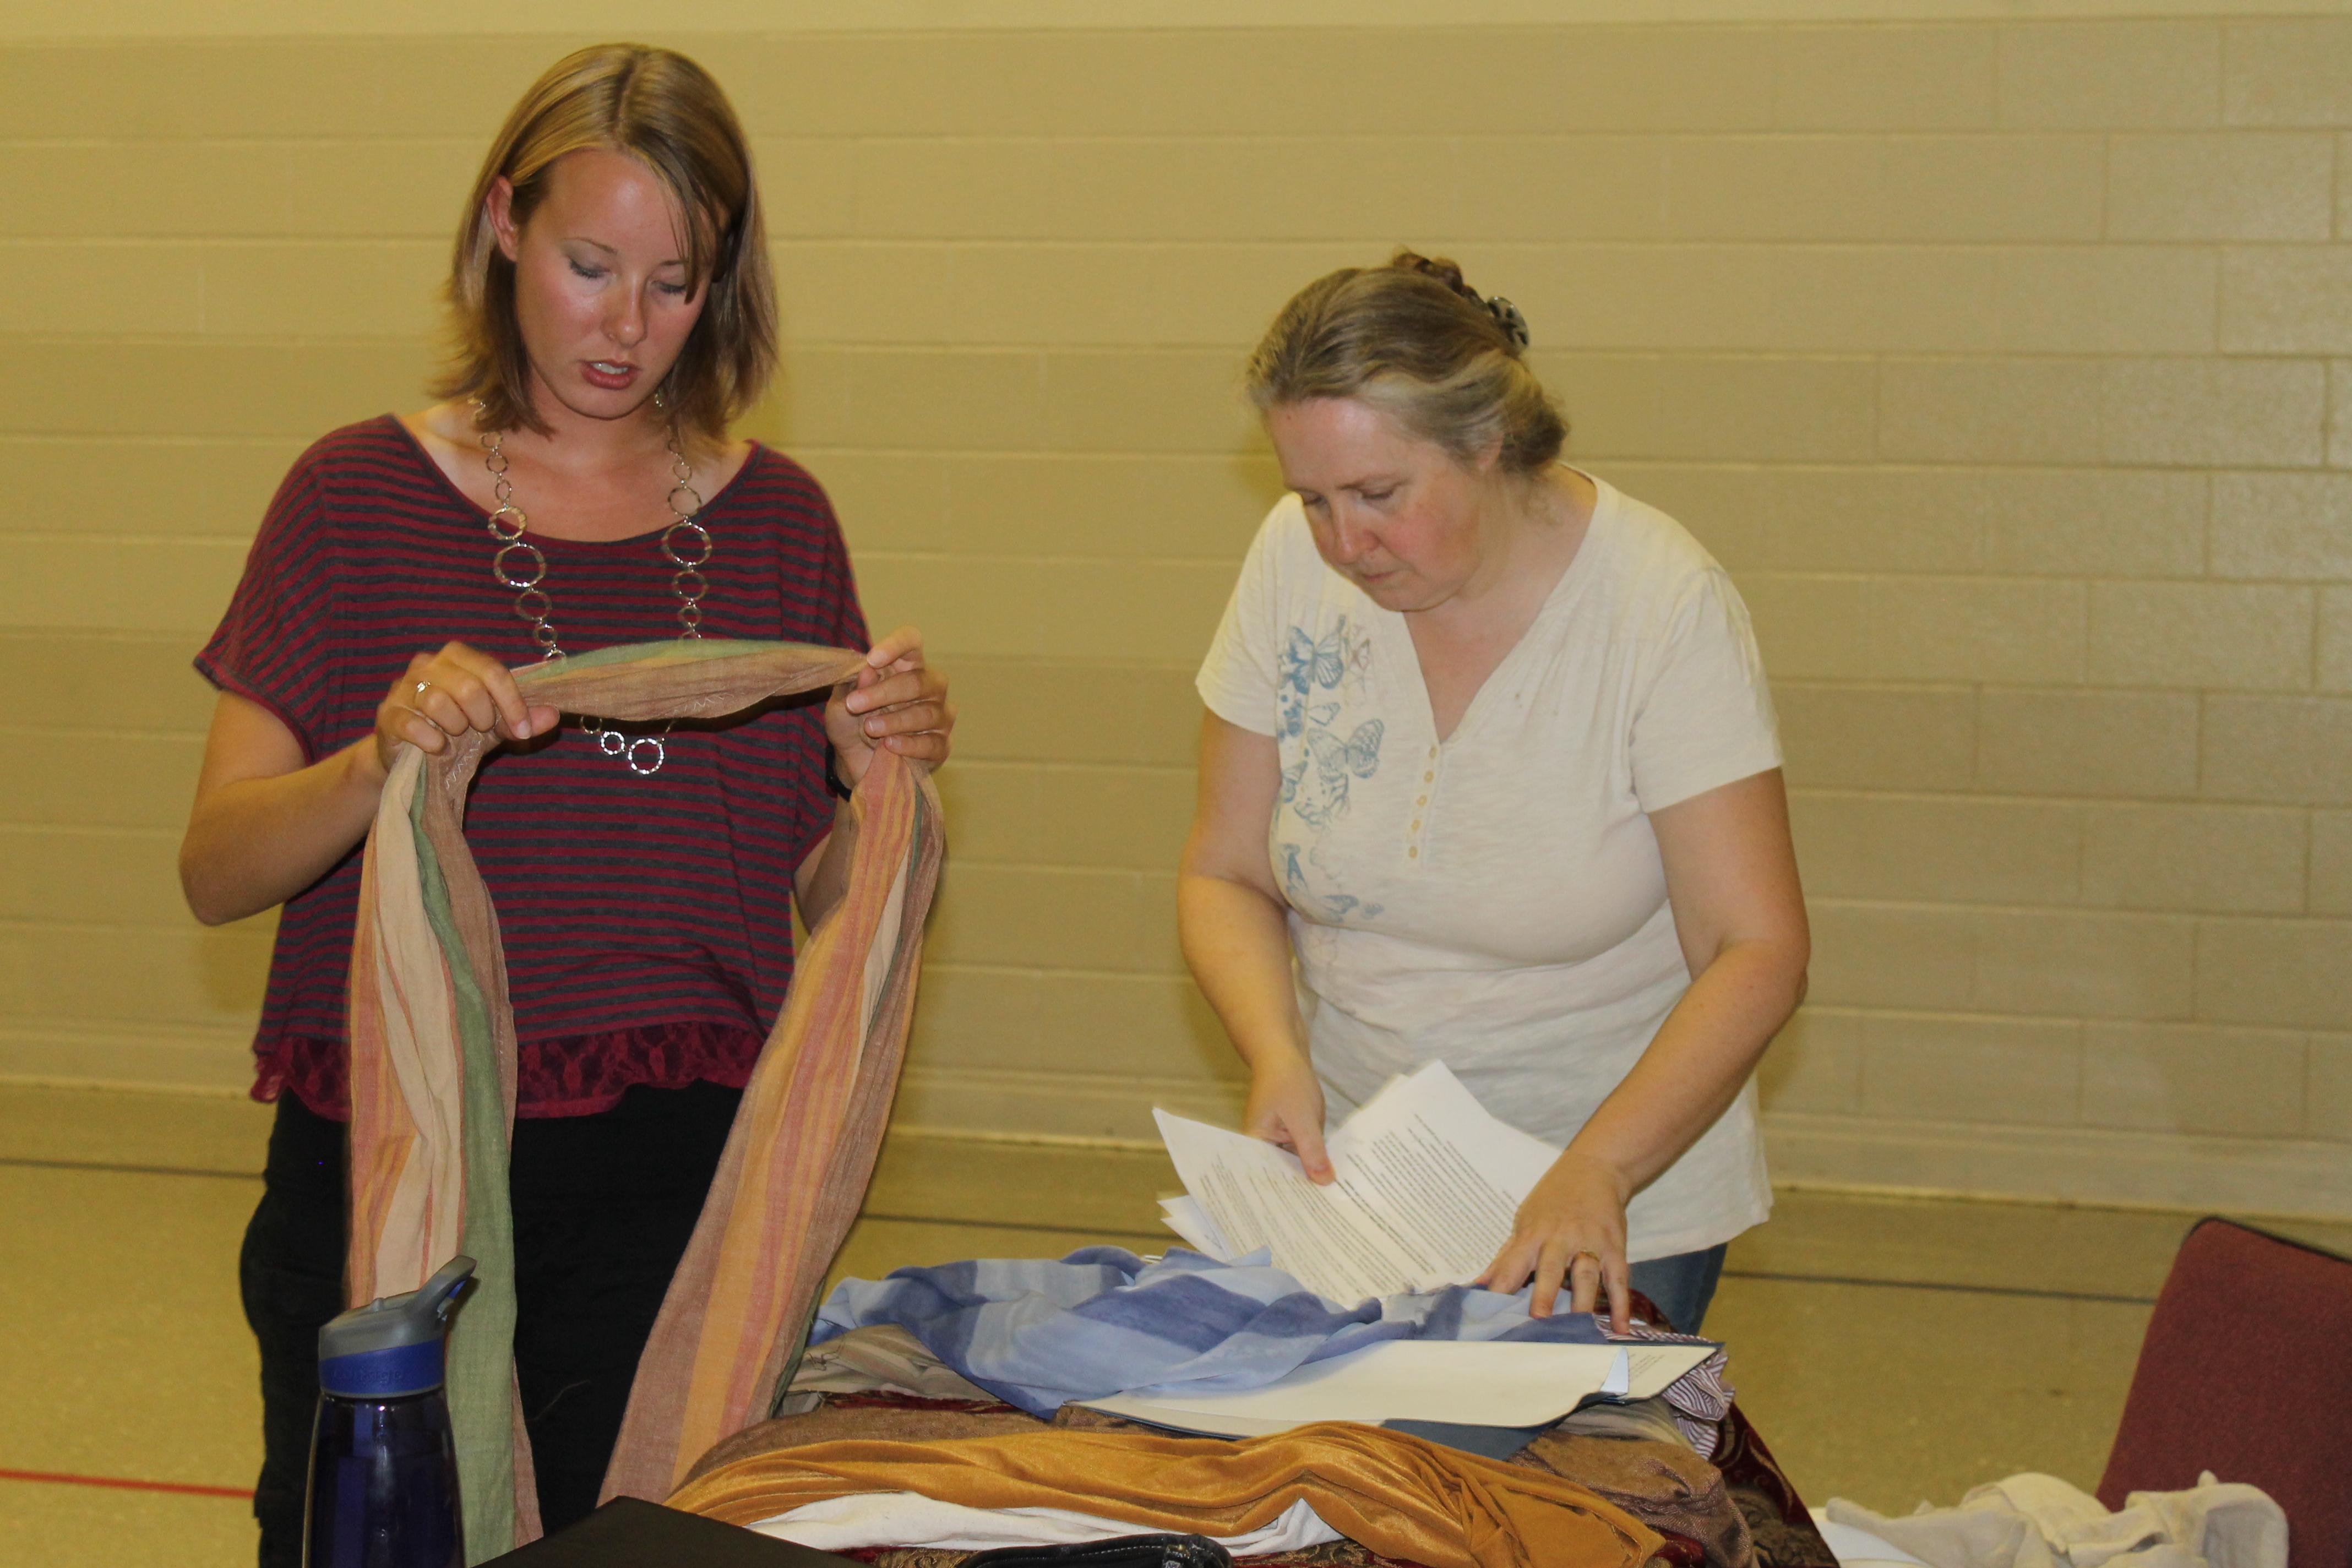 Kayla & Lauren working on costumes.